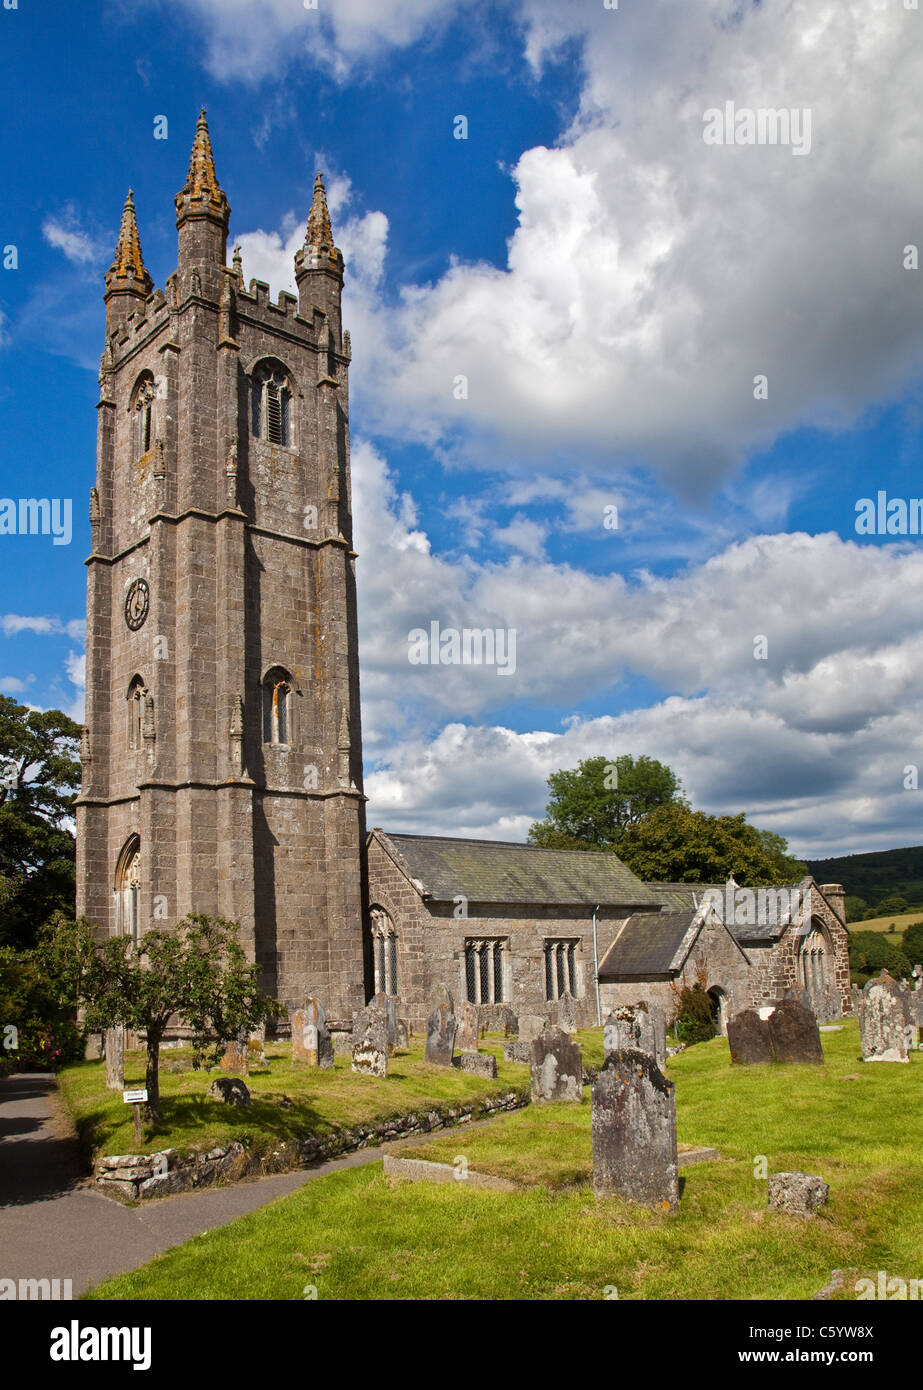 St Pancras Church, Widdecombe-in-the-Moor, Dartmoor, Devon, England - Stock Image